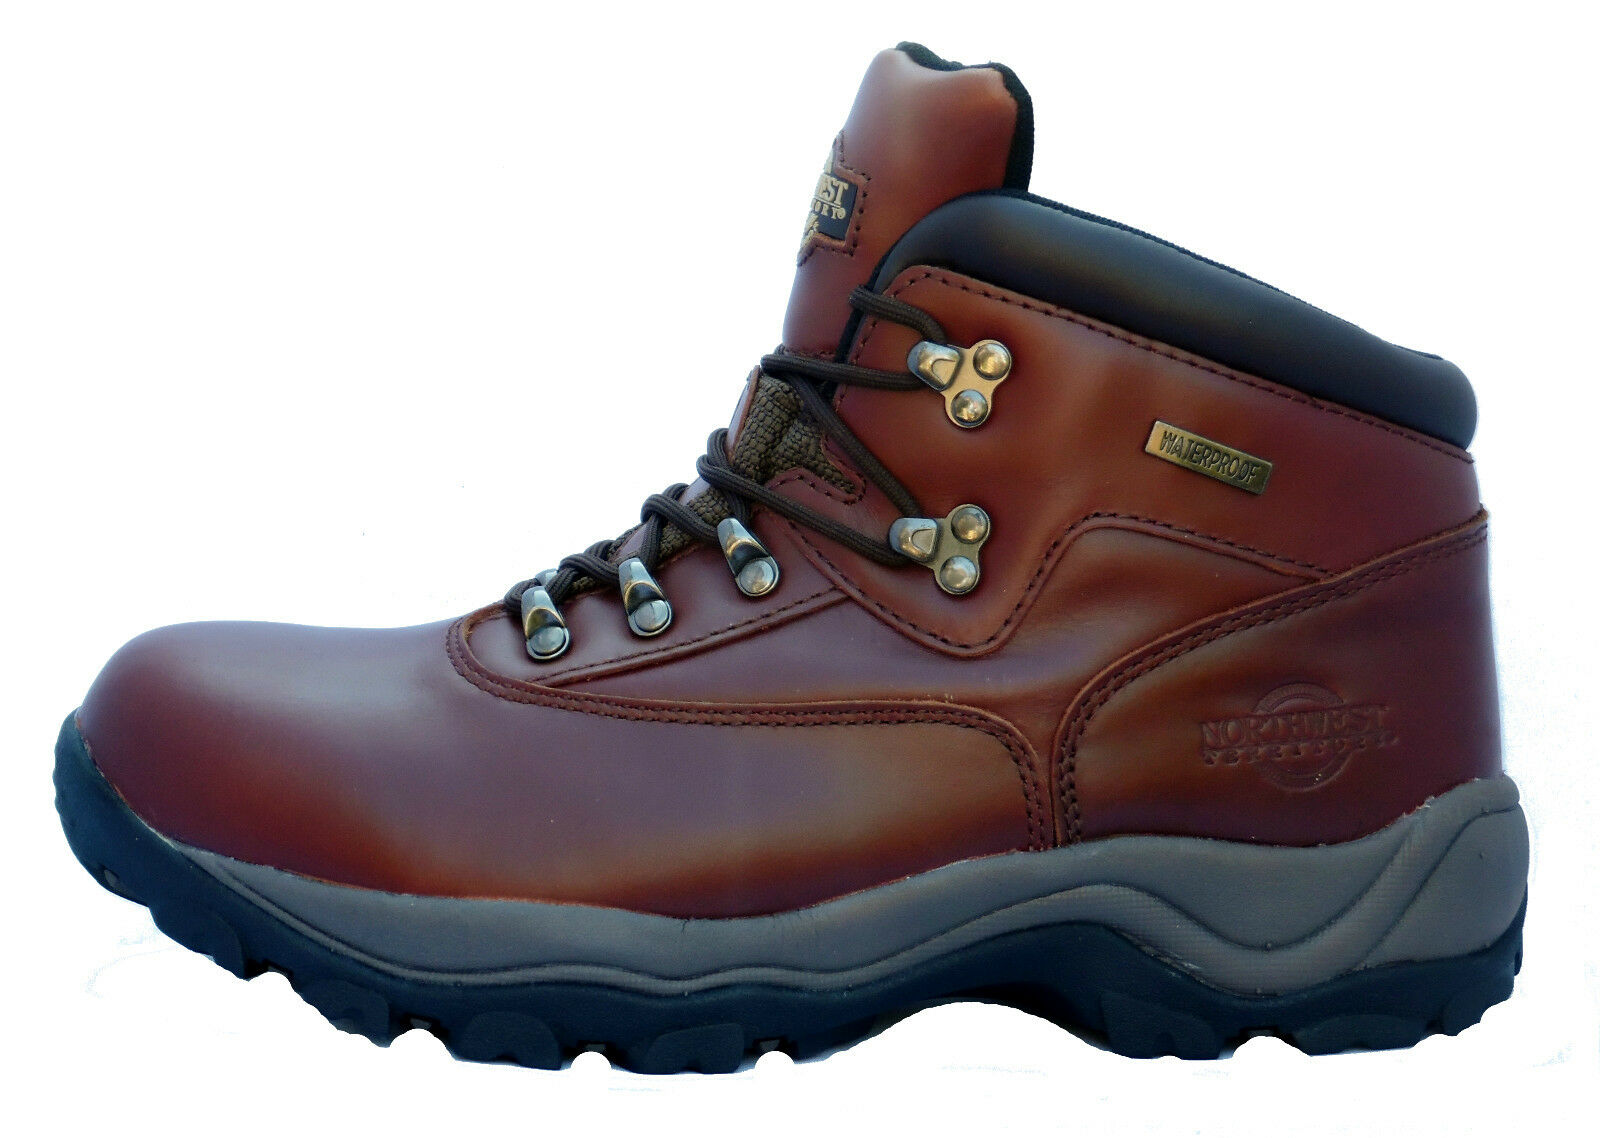 Para hombres Cuero Northwest Territory Senderismo Excursionismo Trekking Inuvik botas De Reino Unido 9 - 12